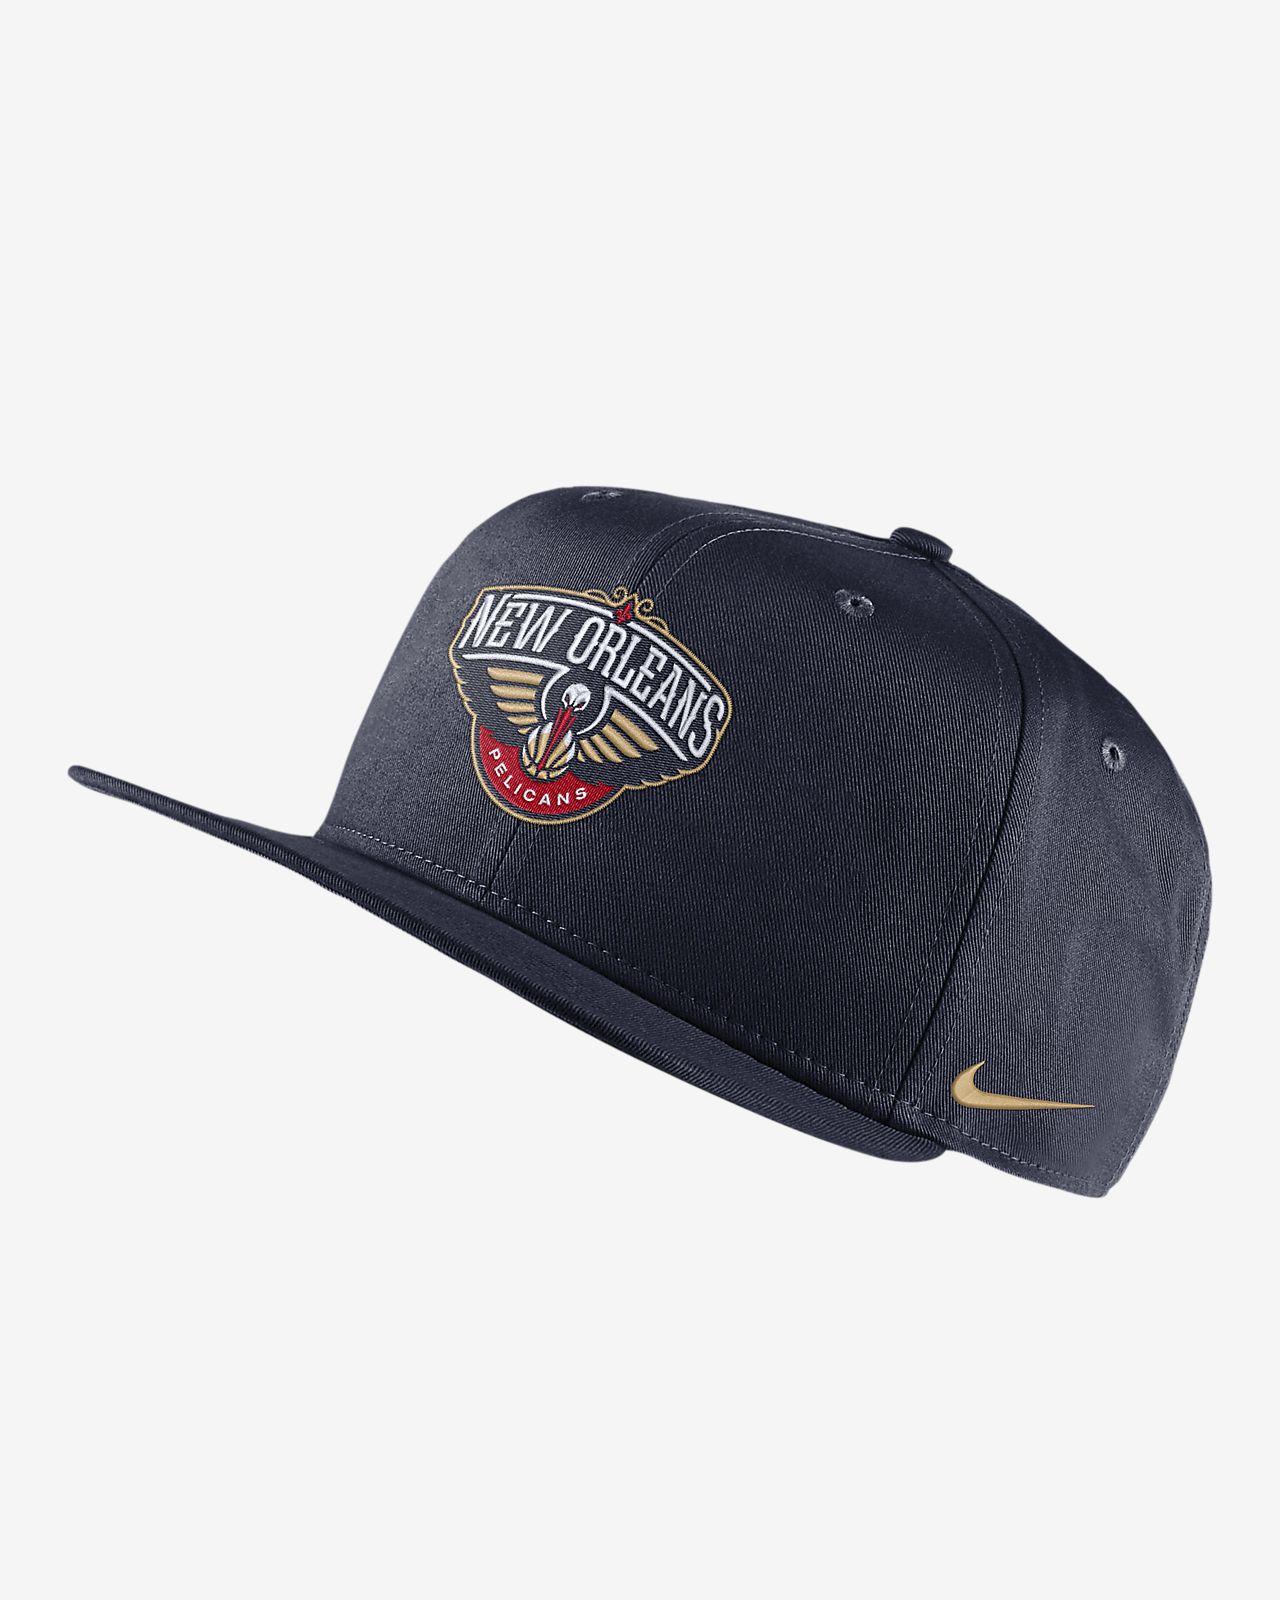 New Orleans Pelicans Nike Pro NBA Cap